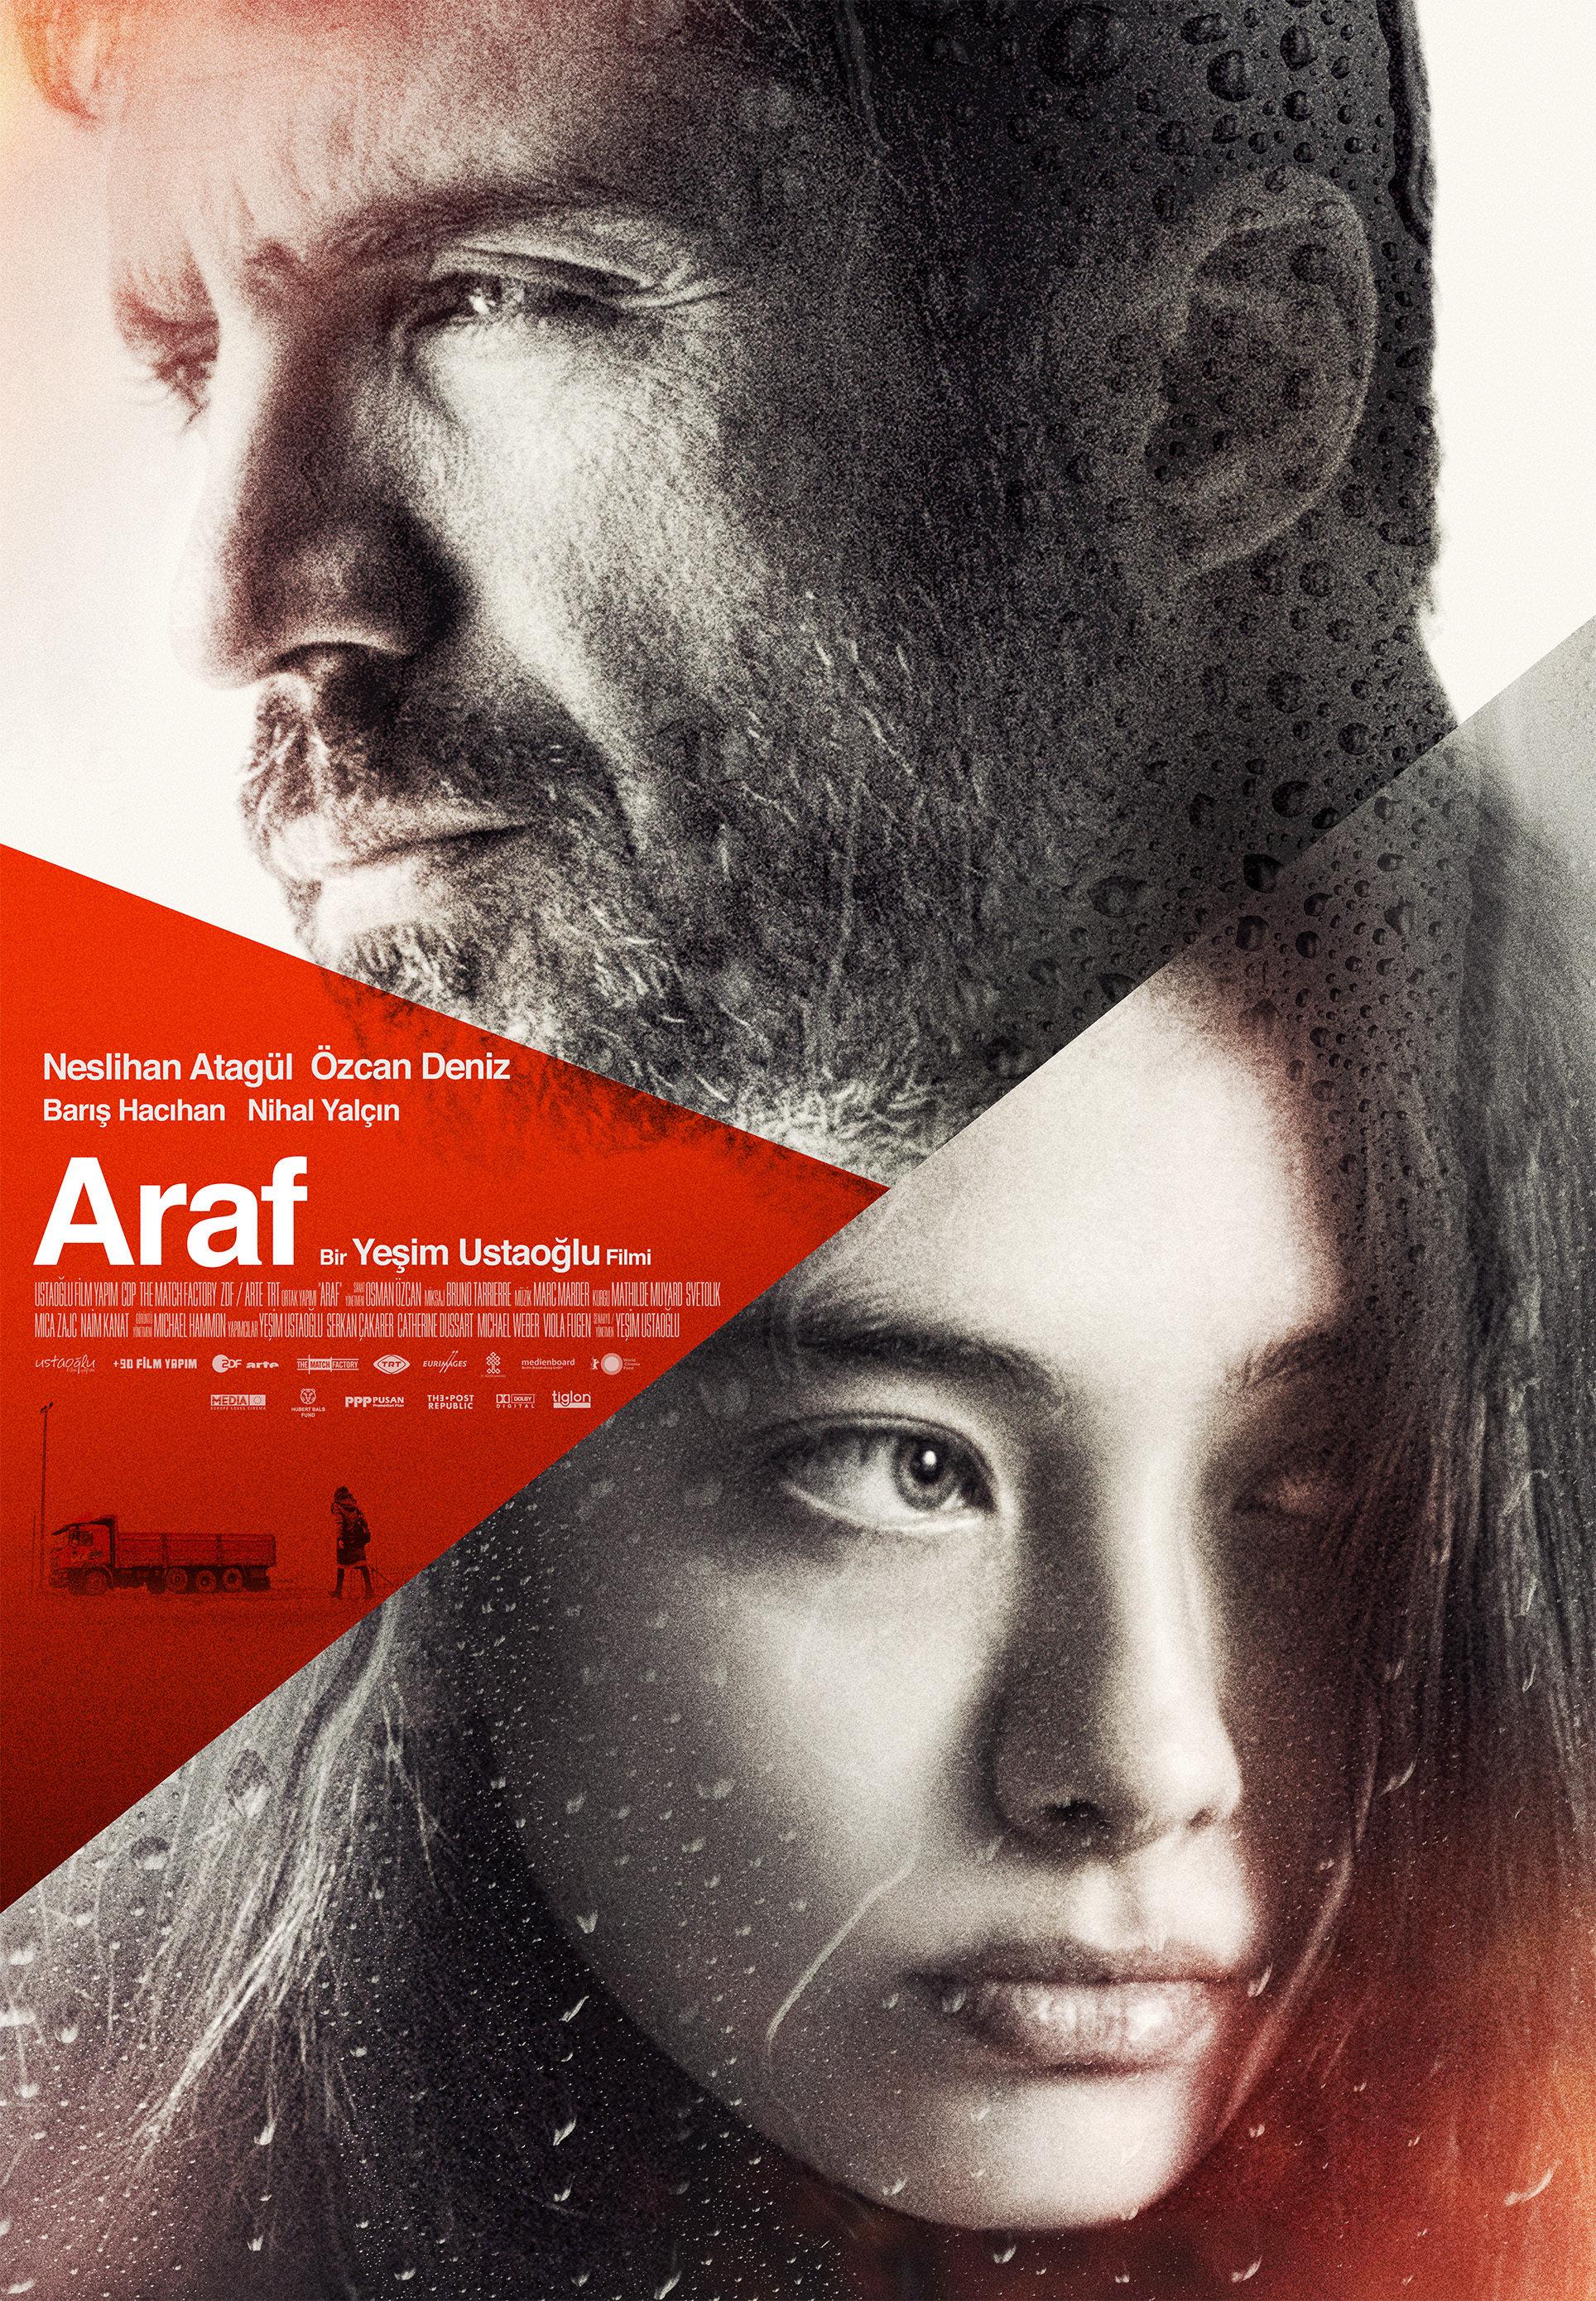 فيلم Araf 2012 مترجم للكبار فقط